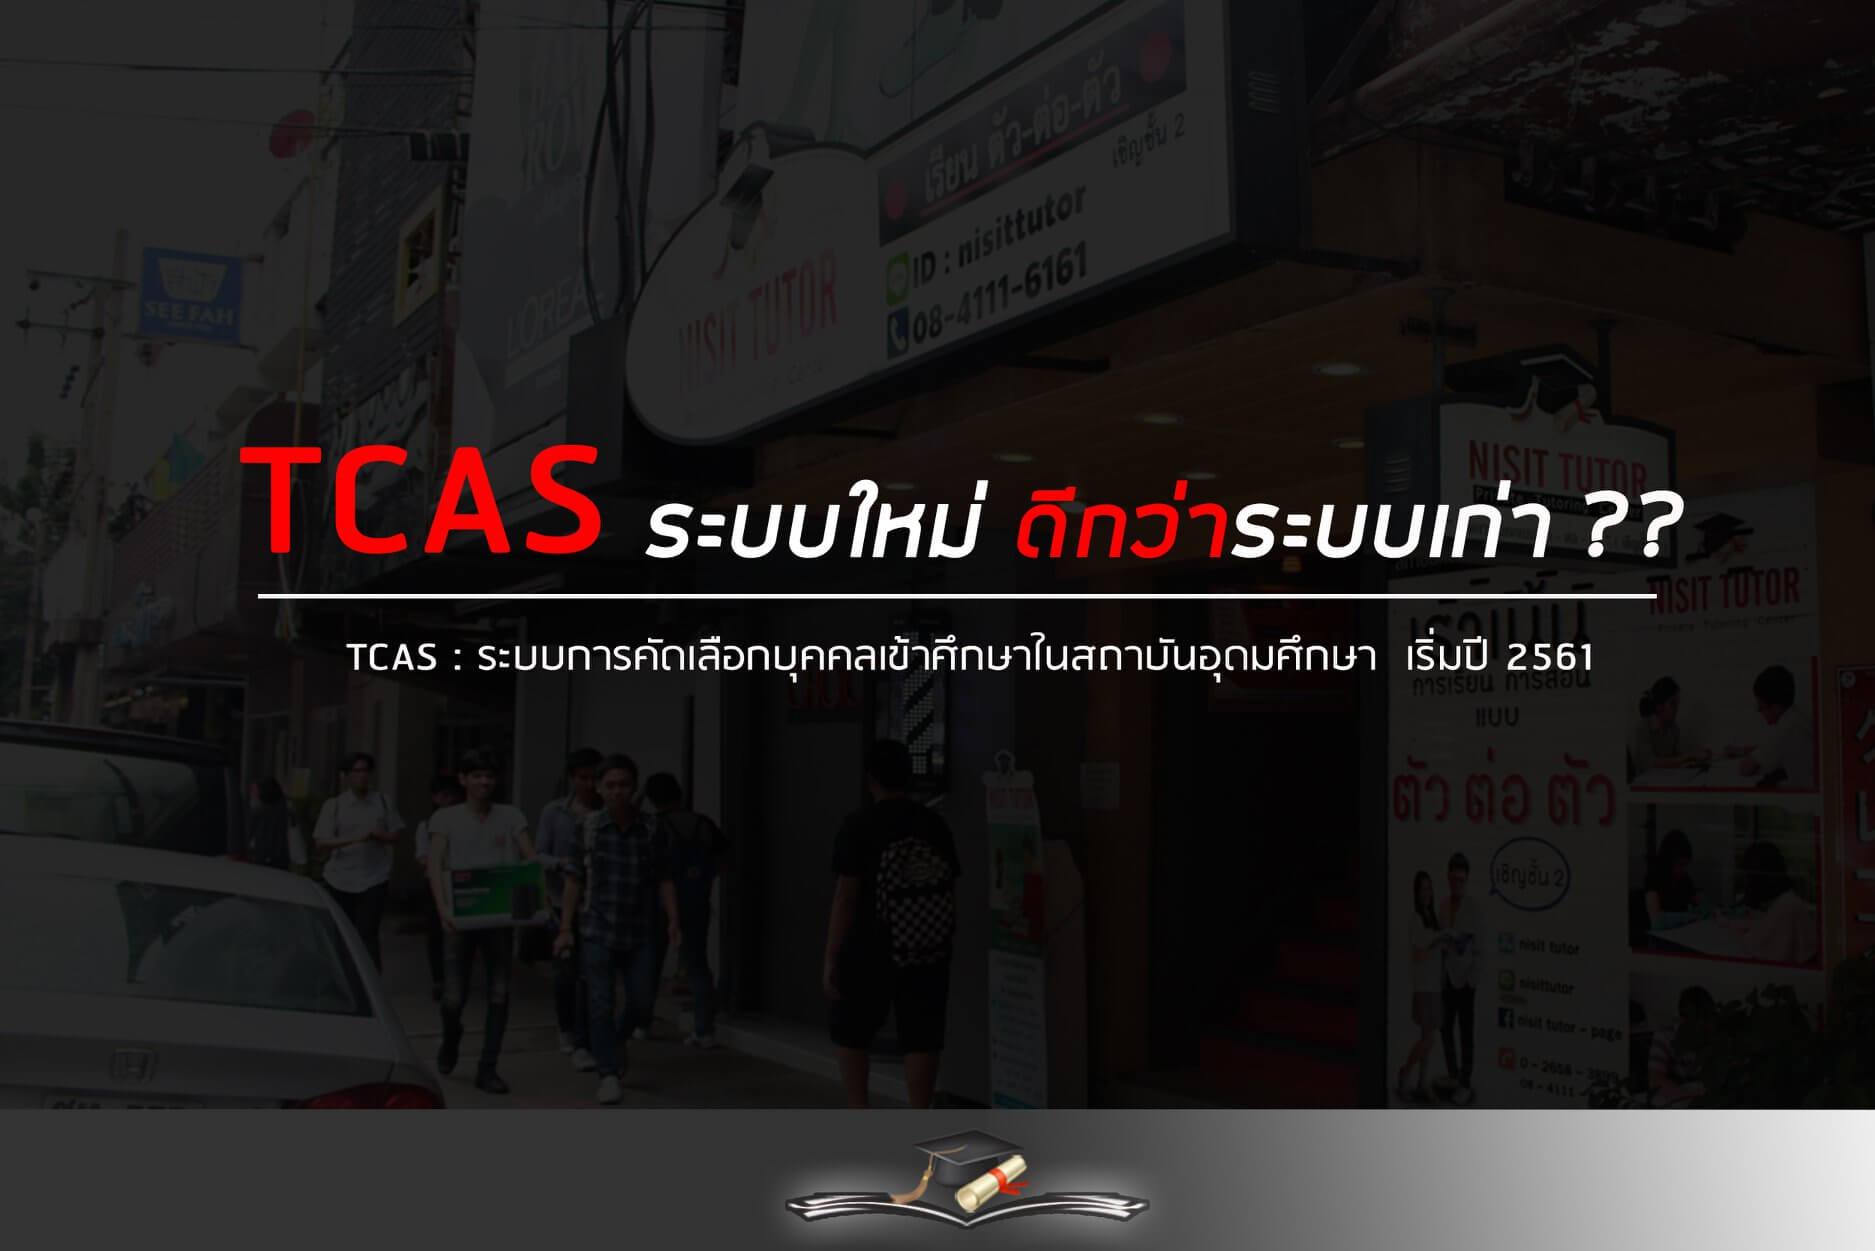 TCAS คืออะไร ??